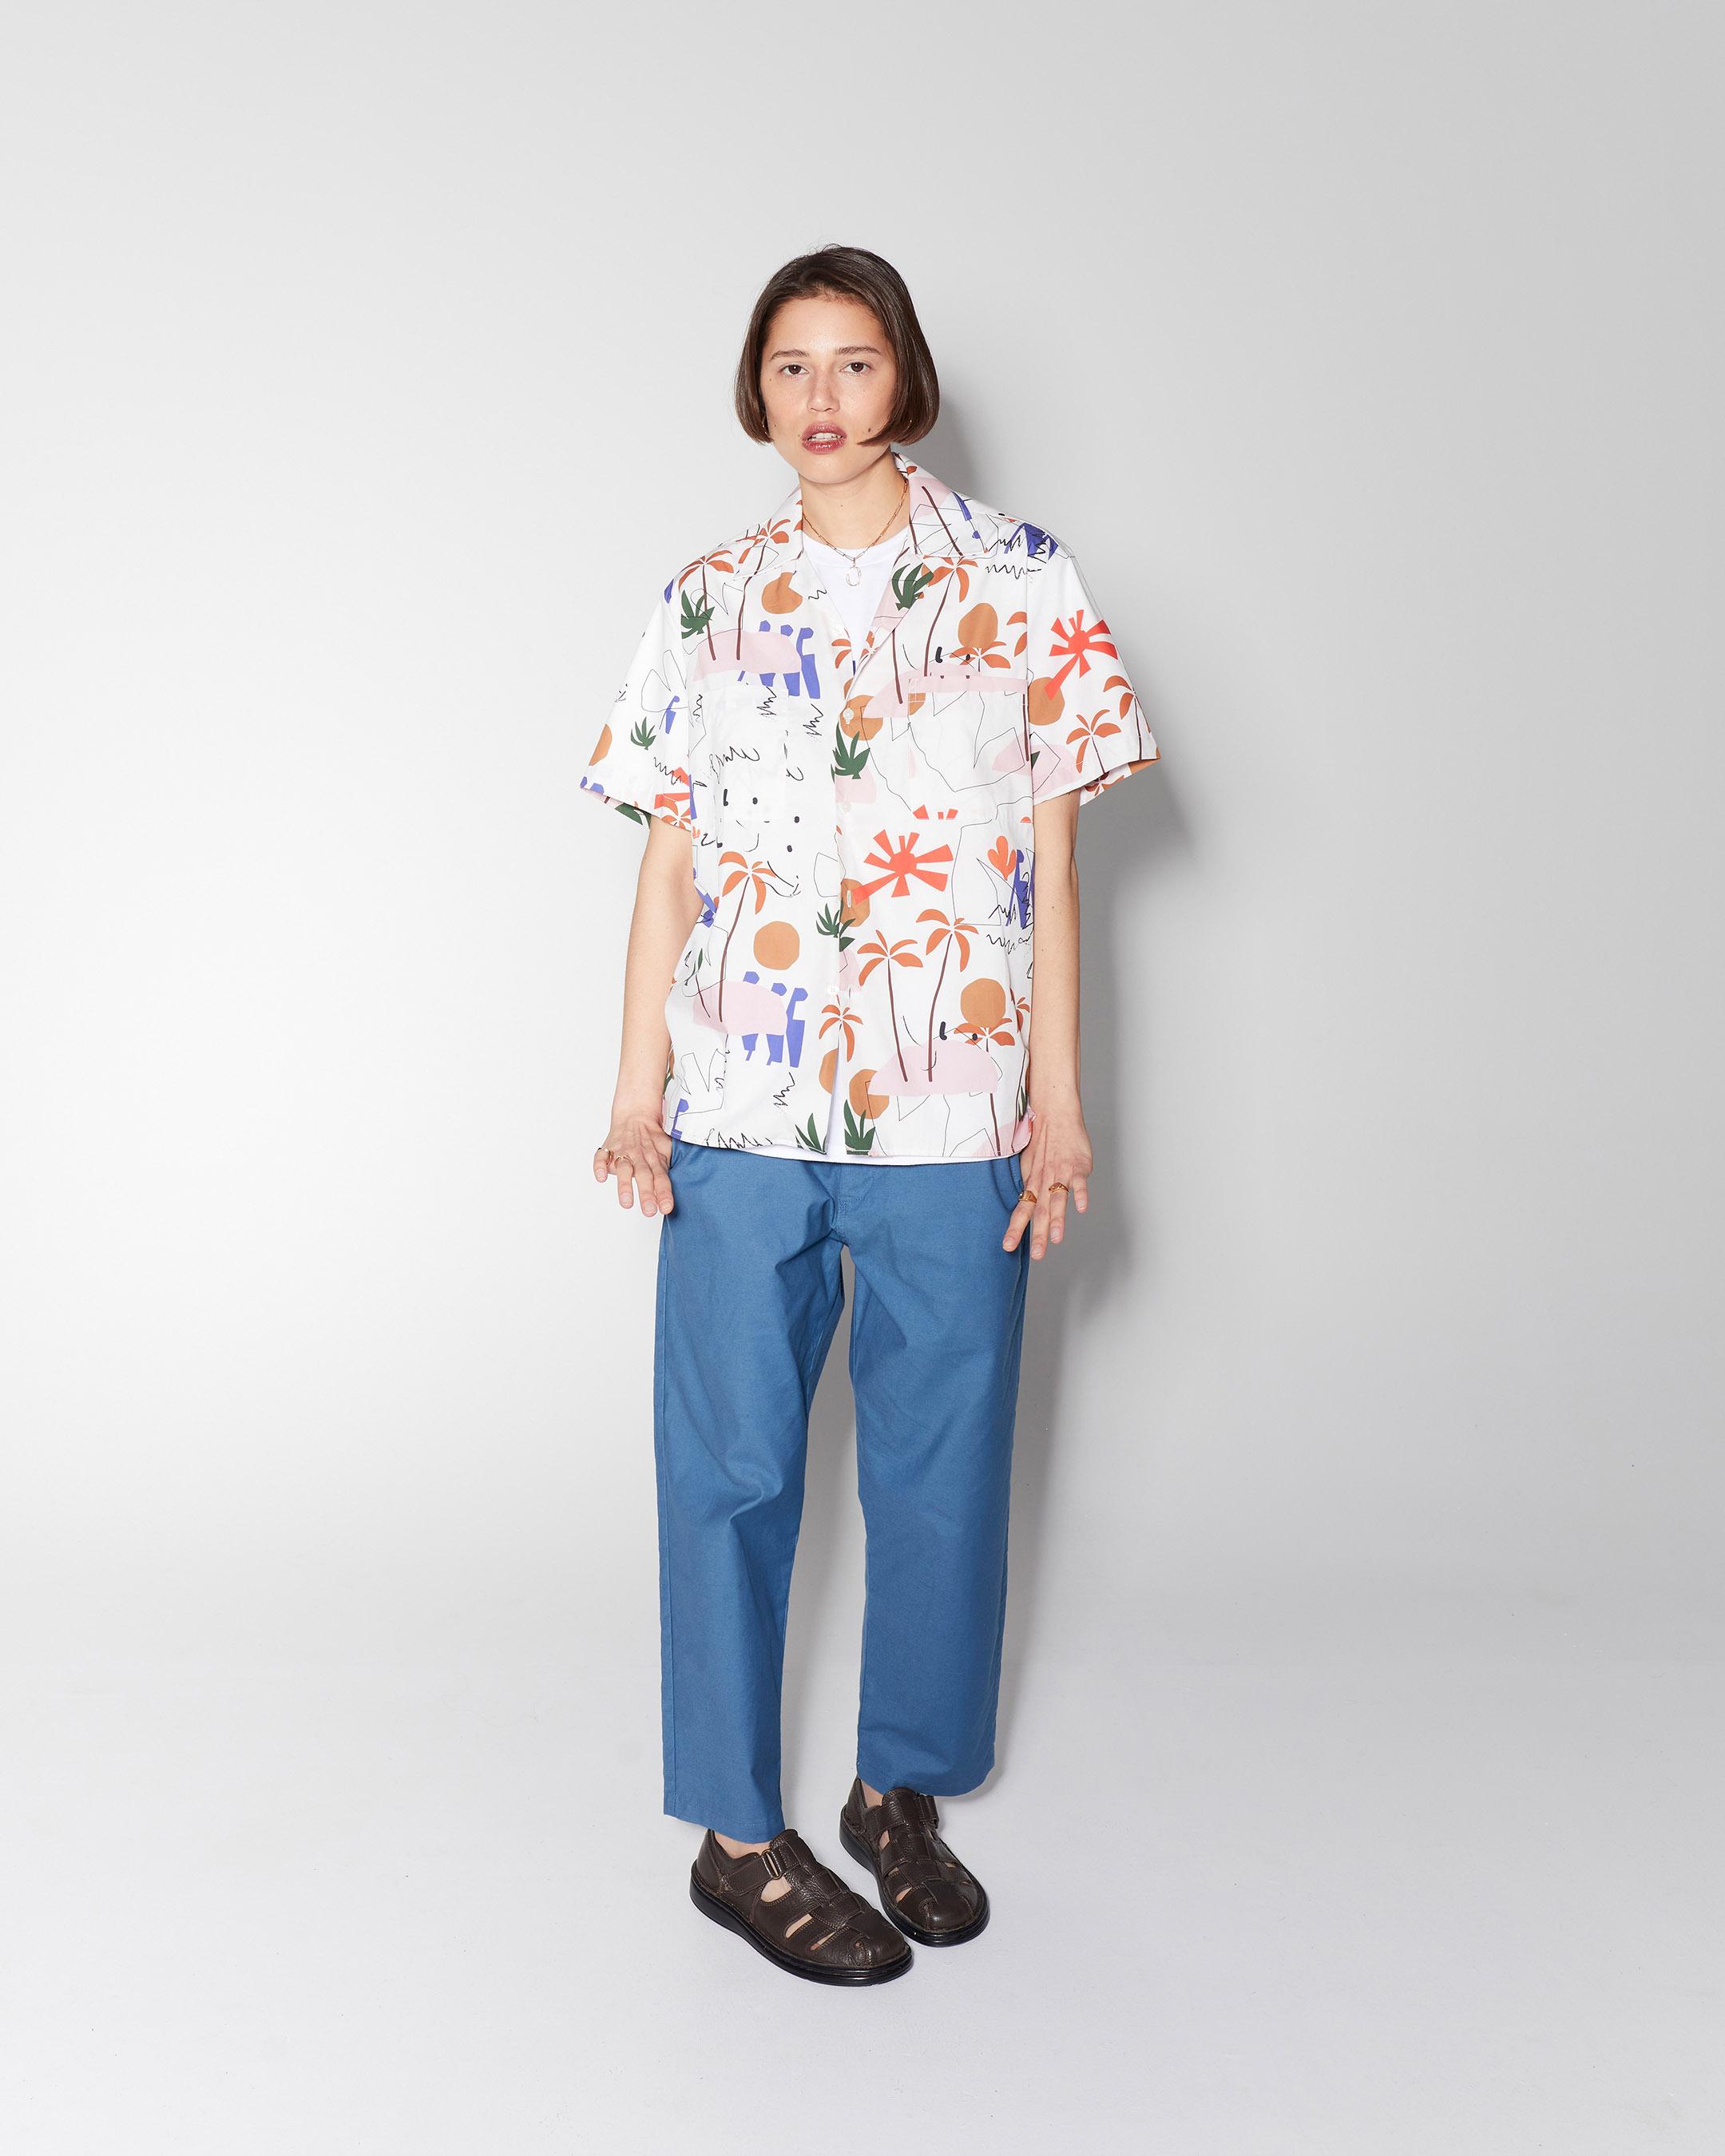 shirts 3  shirt multicolor 210415 ecom 1051